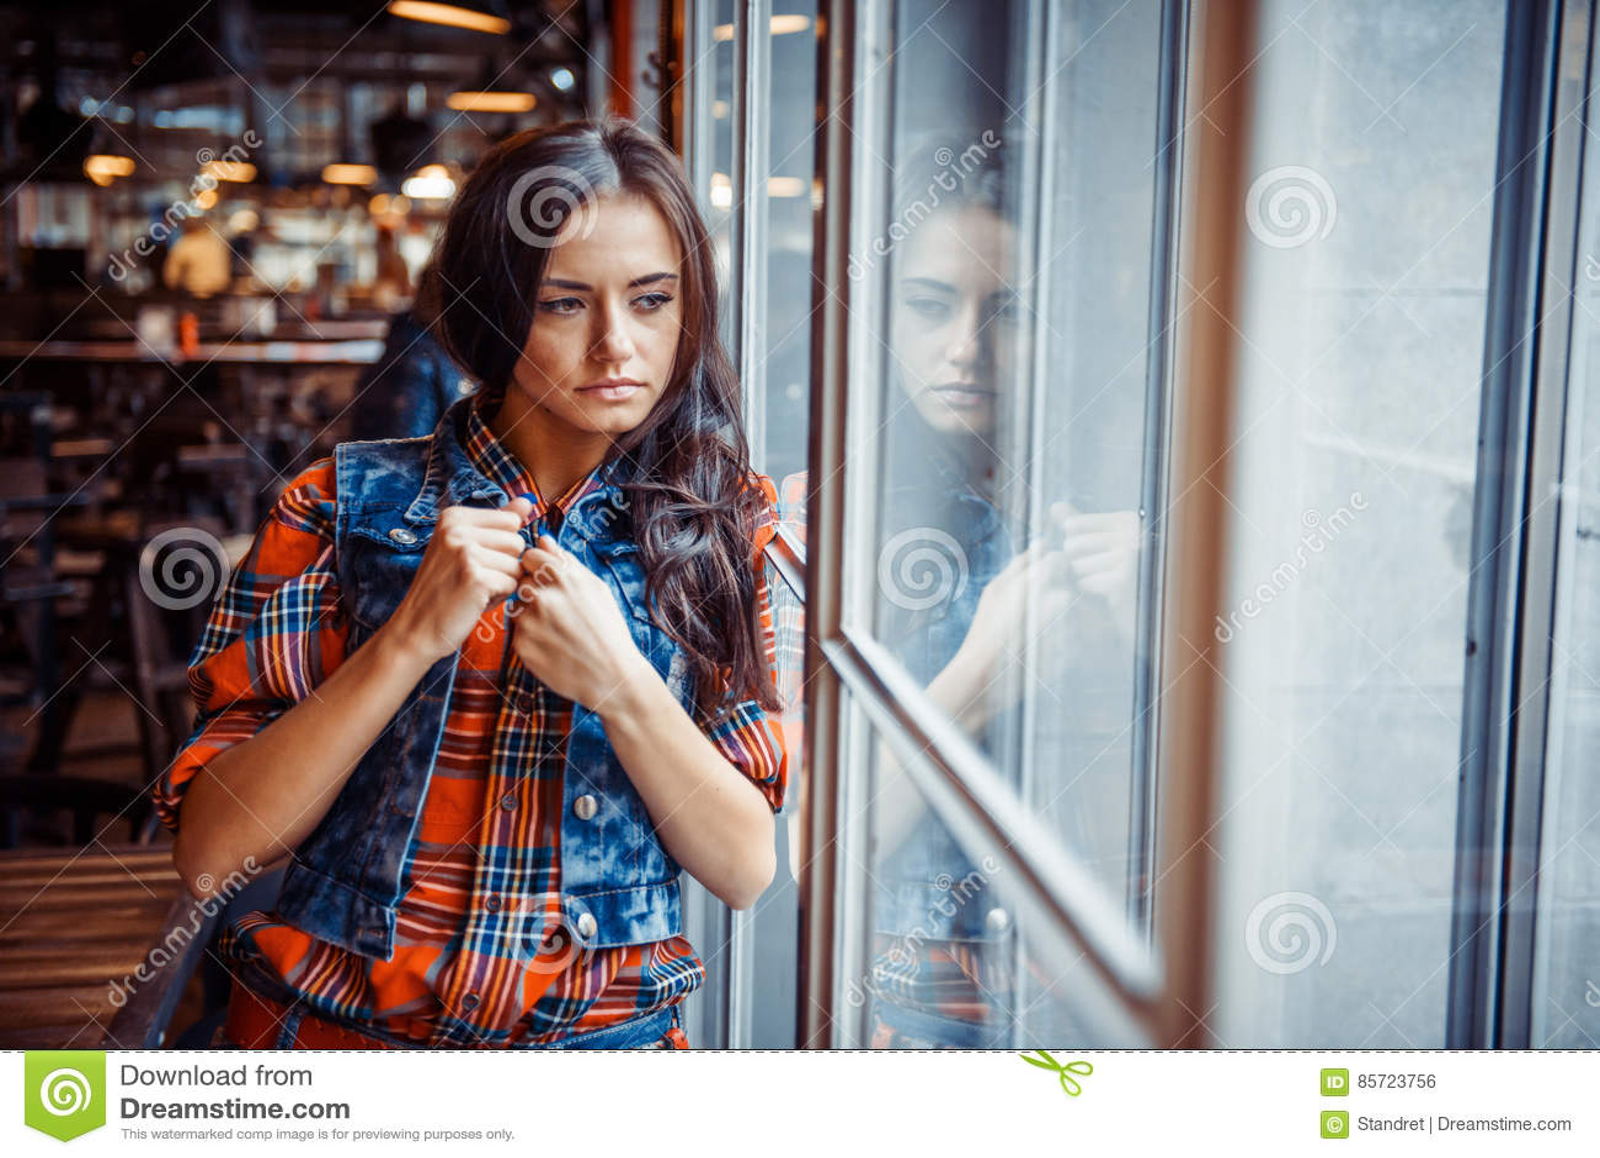 Ritratto di una ragazza alla finestra arte che elabora e for Ragazza alla finestra quadro